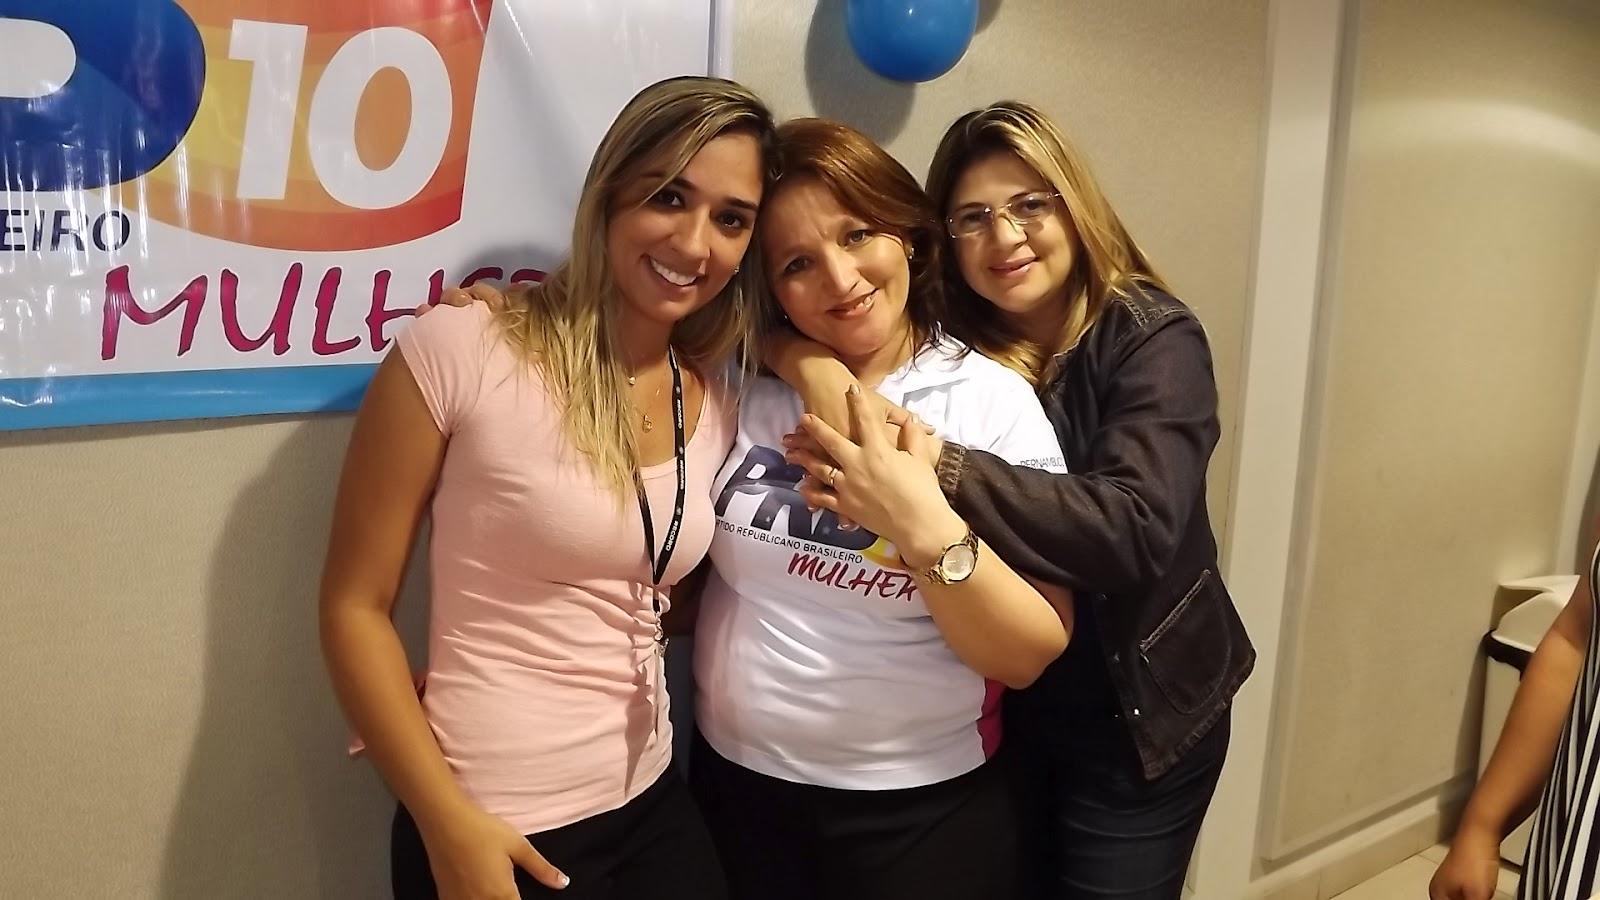 Procurar mulheres s Recife-3426